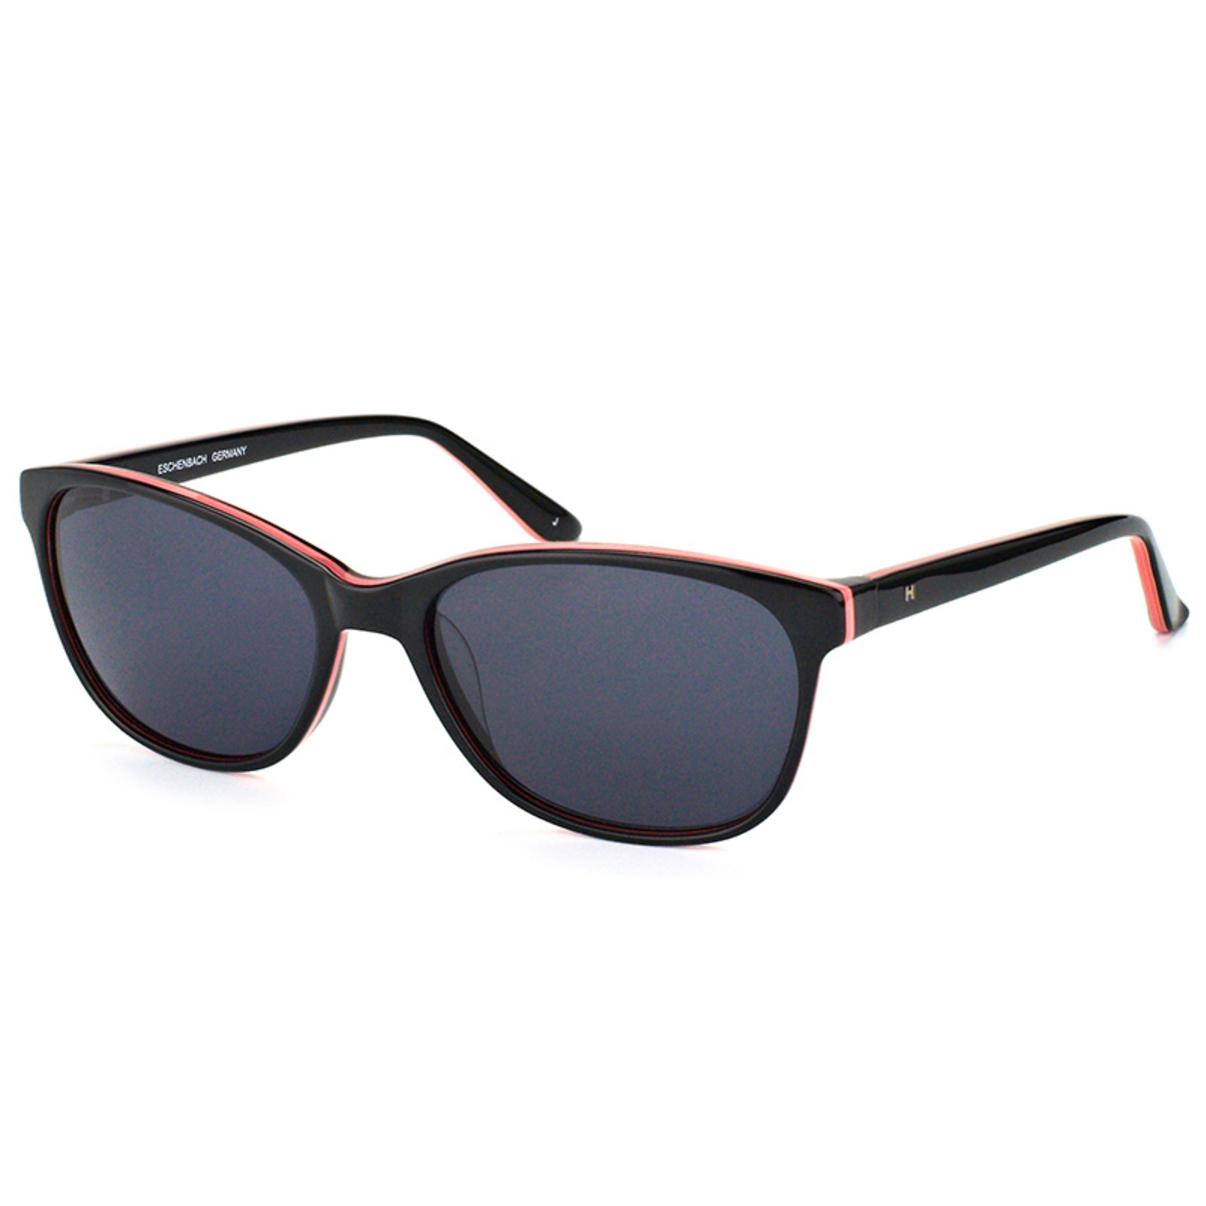 sonnenbrillen sale bei mister spex zus tzlich 10 rabatt auf bereits reduzierte brillen. Black Bedroom Furniture Sets. Home Design Ideas